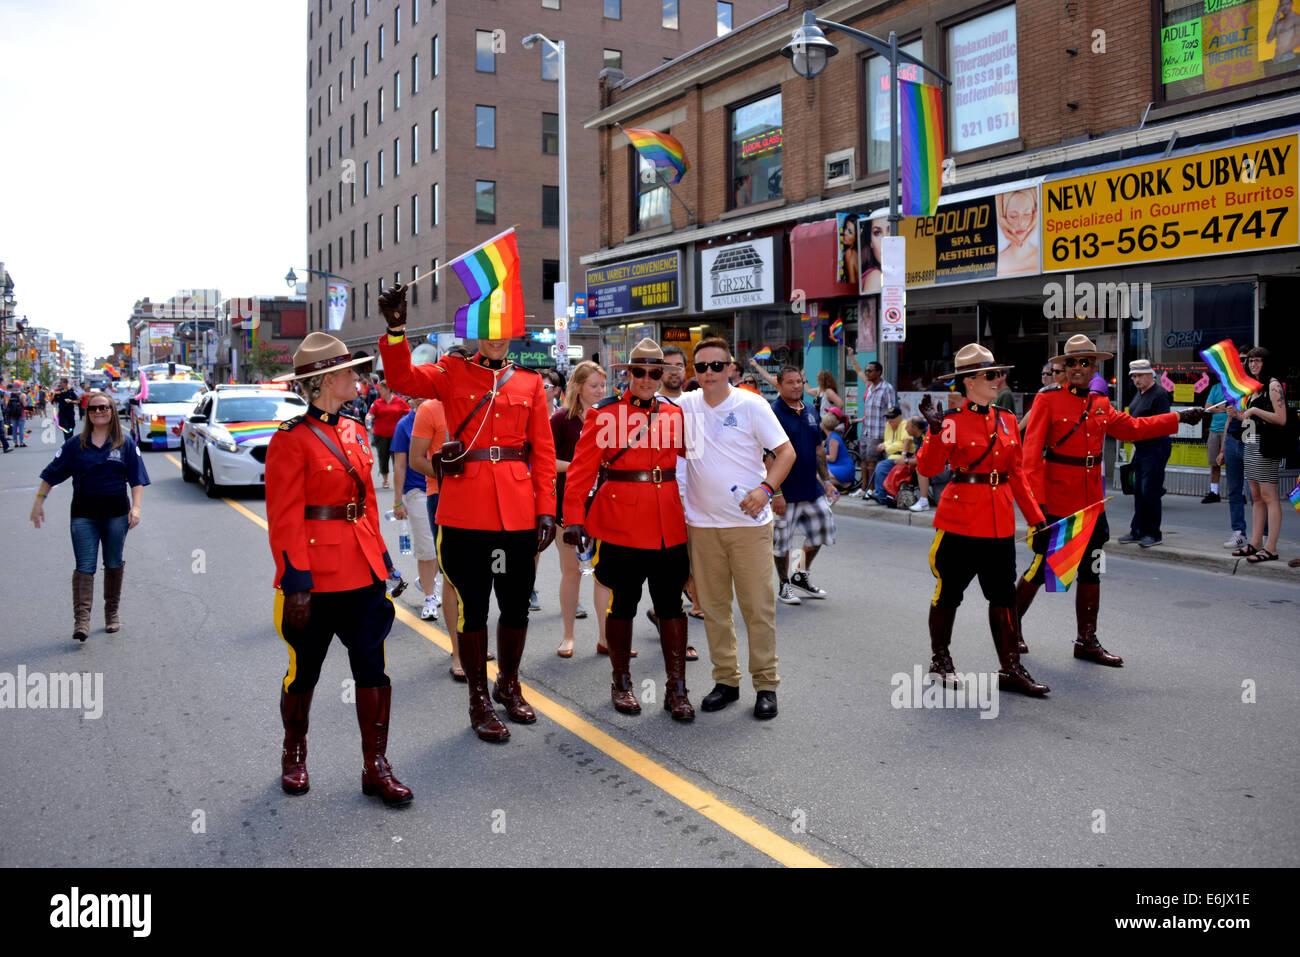 Ottawa, Canadá - Agosto 24, 2014: Los miembros de la Real Policía Montada del Canadá participan en Imagen De Stock